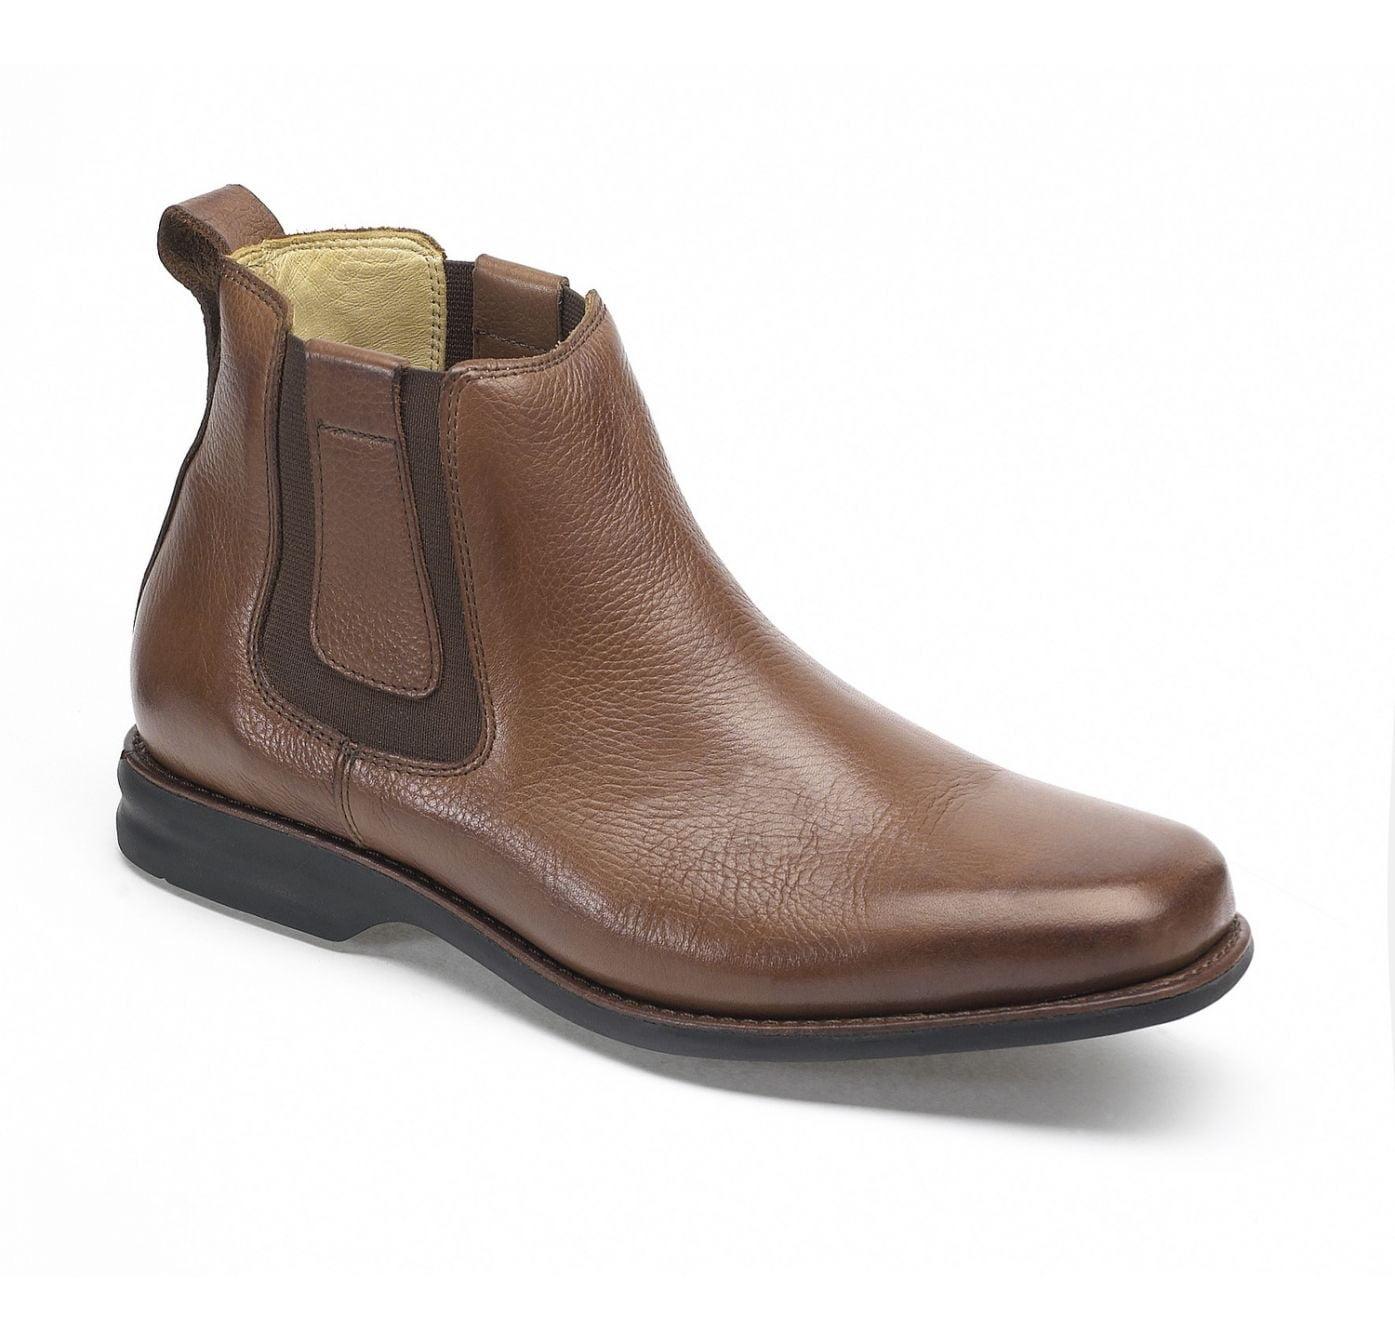 Anatomic Gel Amazonas Chelsea Boots